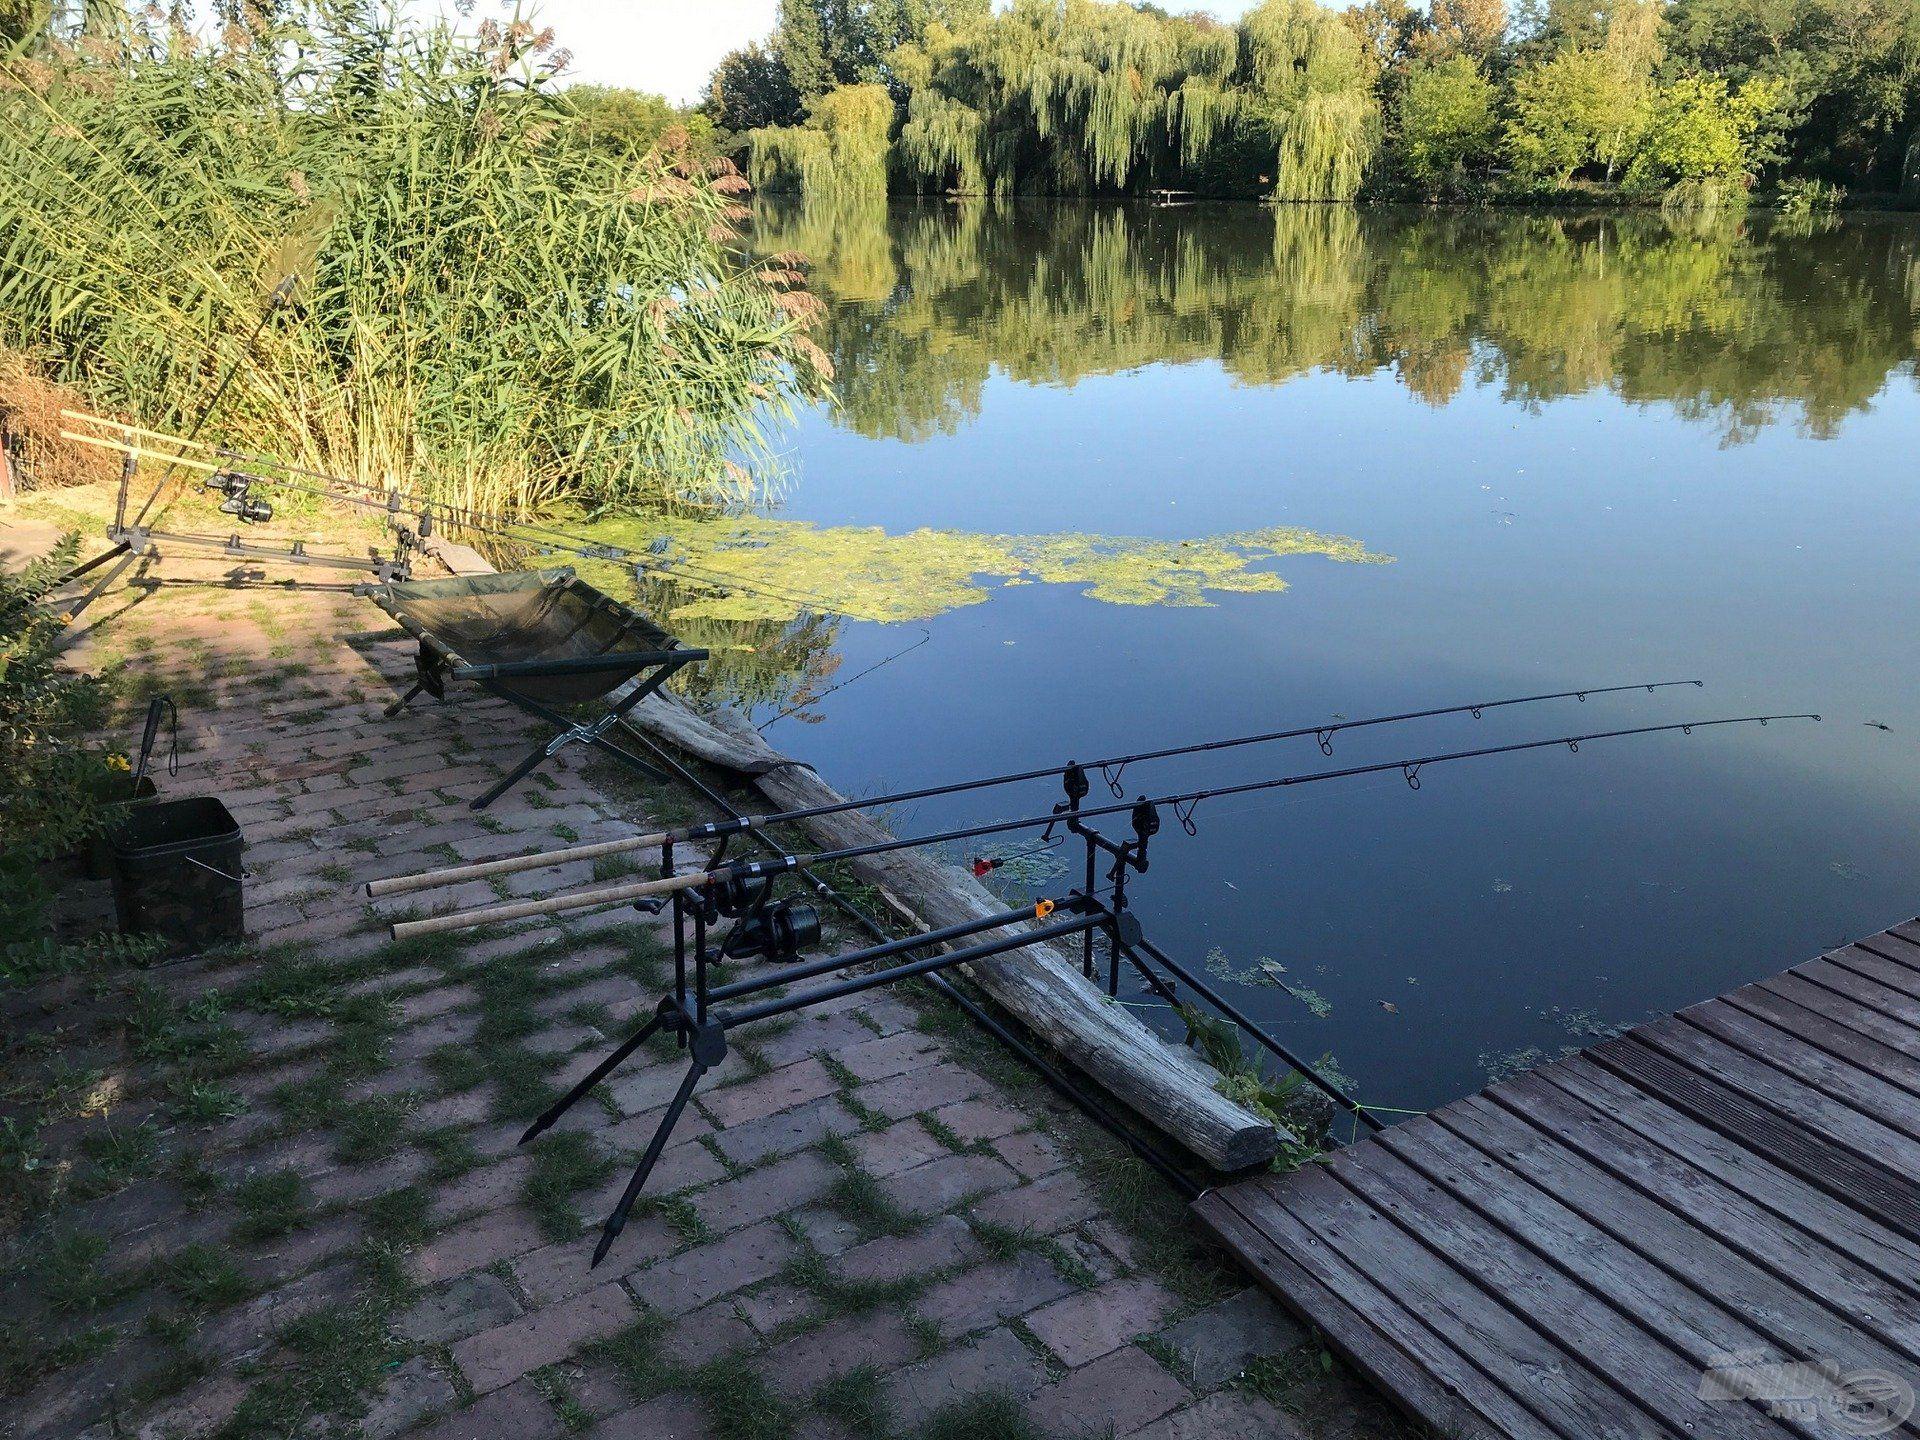 Nem túl tágas horgászhely, de ketten pont elfértünk